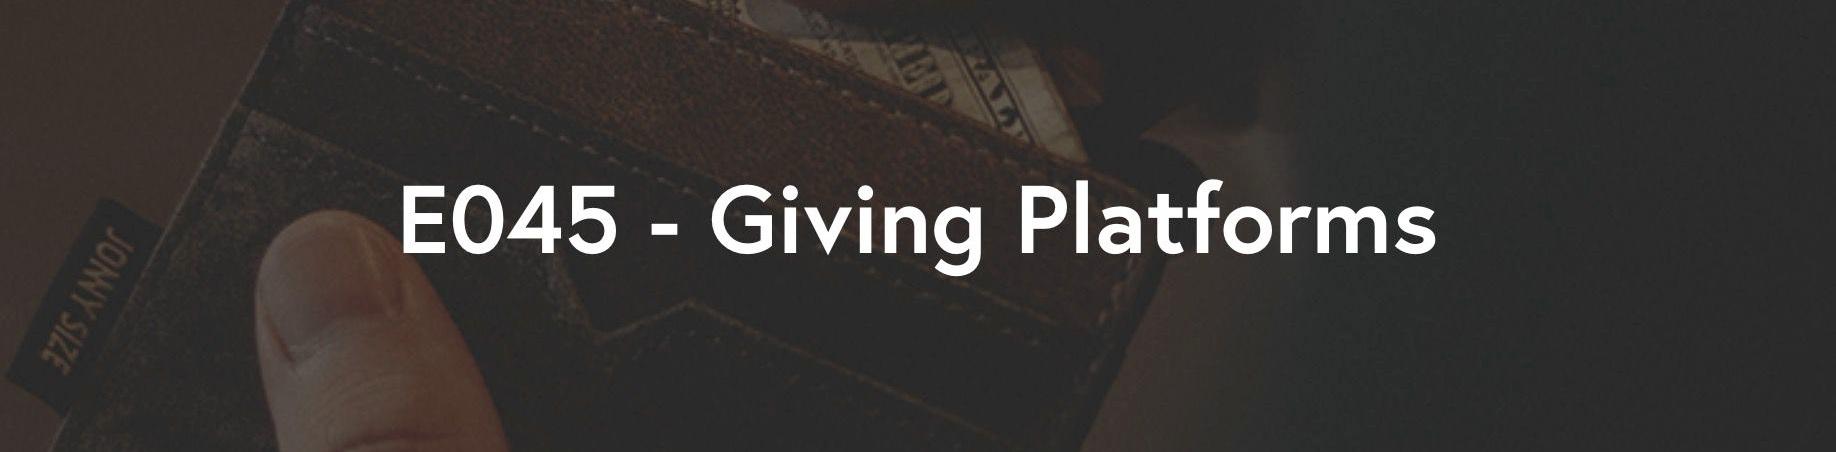 Giving+Platforms.jpg